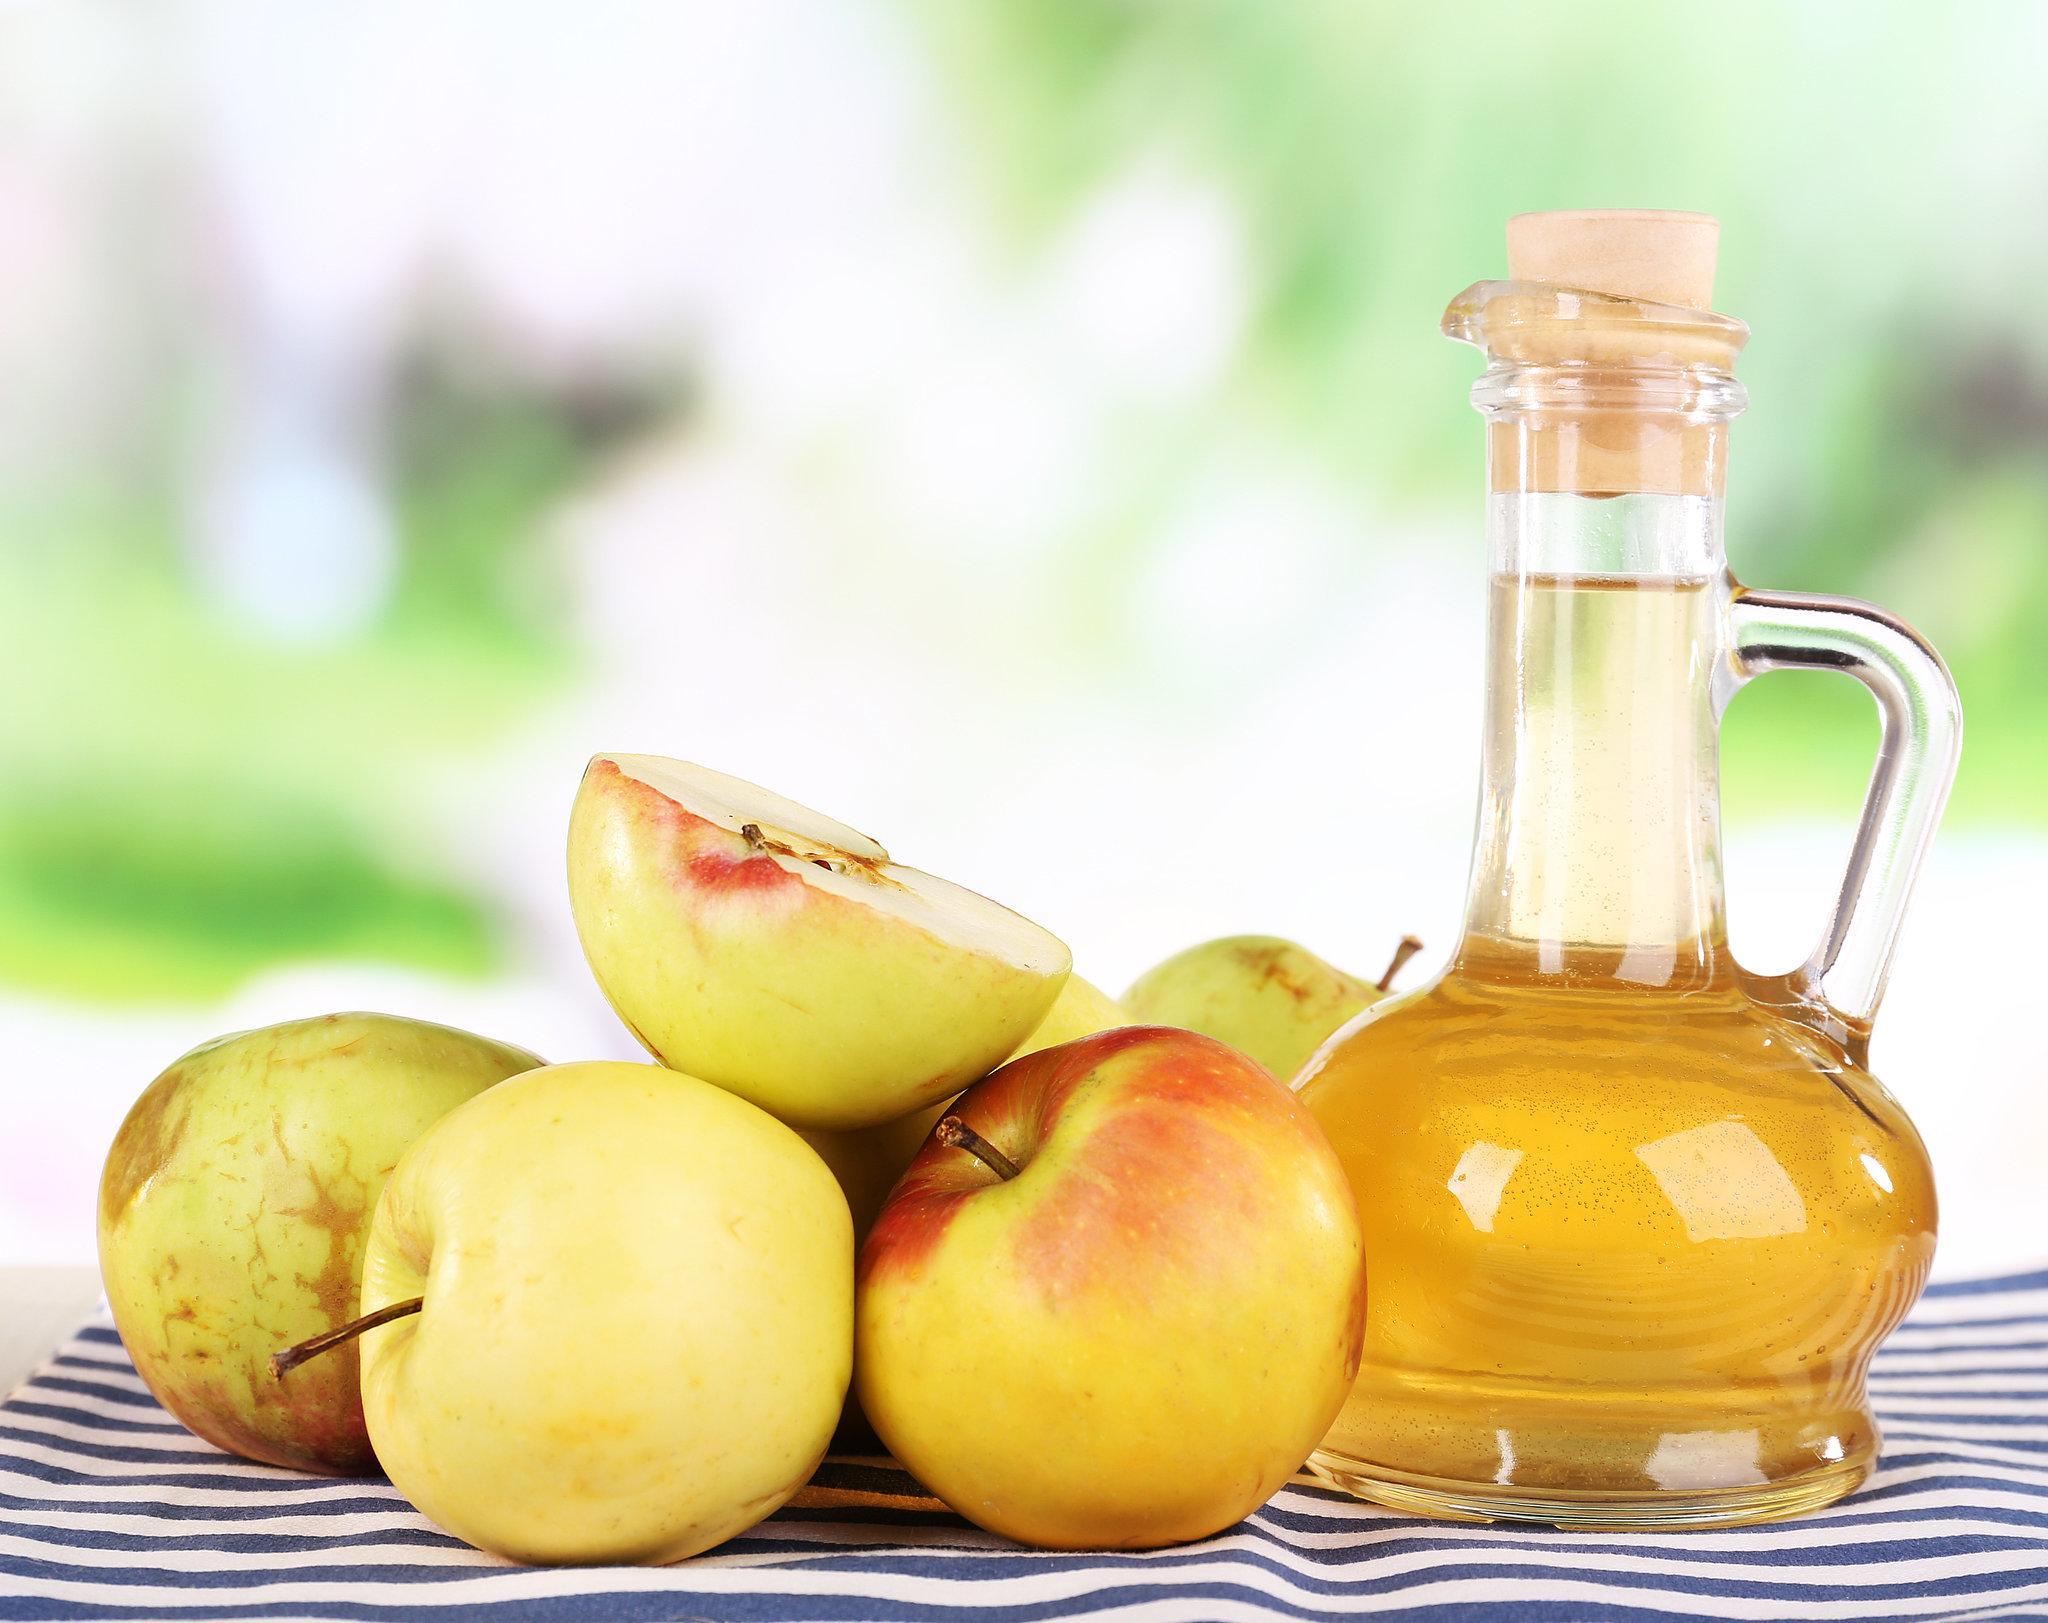 Sağlıklı Bir Şekilde Saç Uzatmak İçin 10 Altın Kural